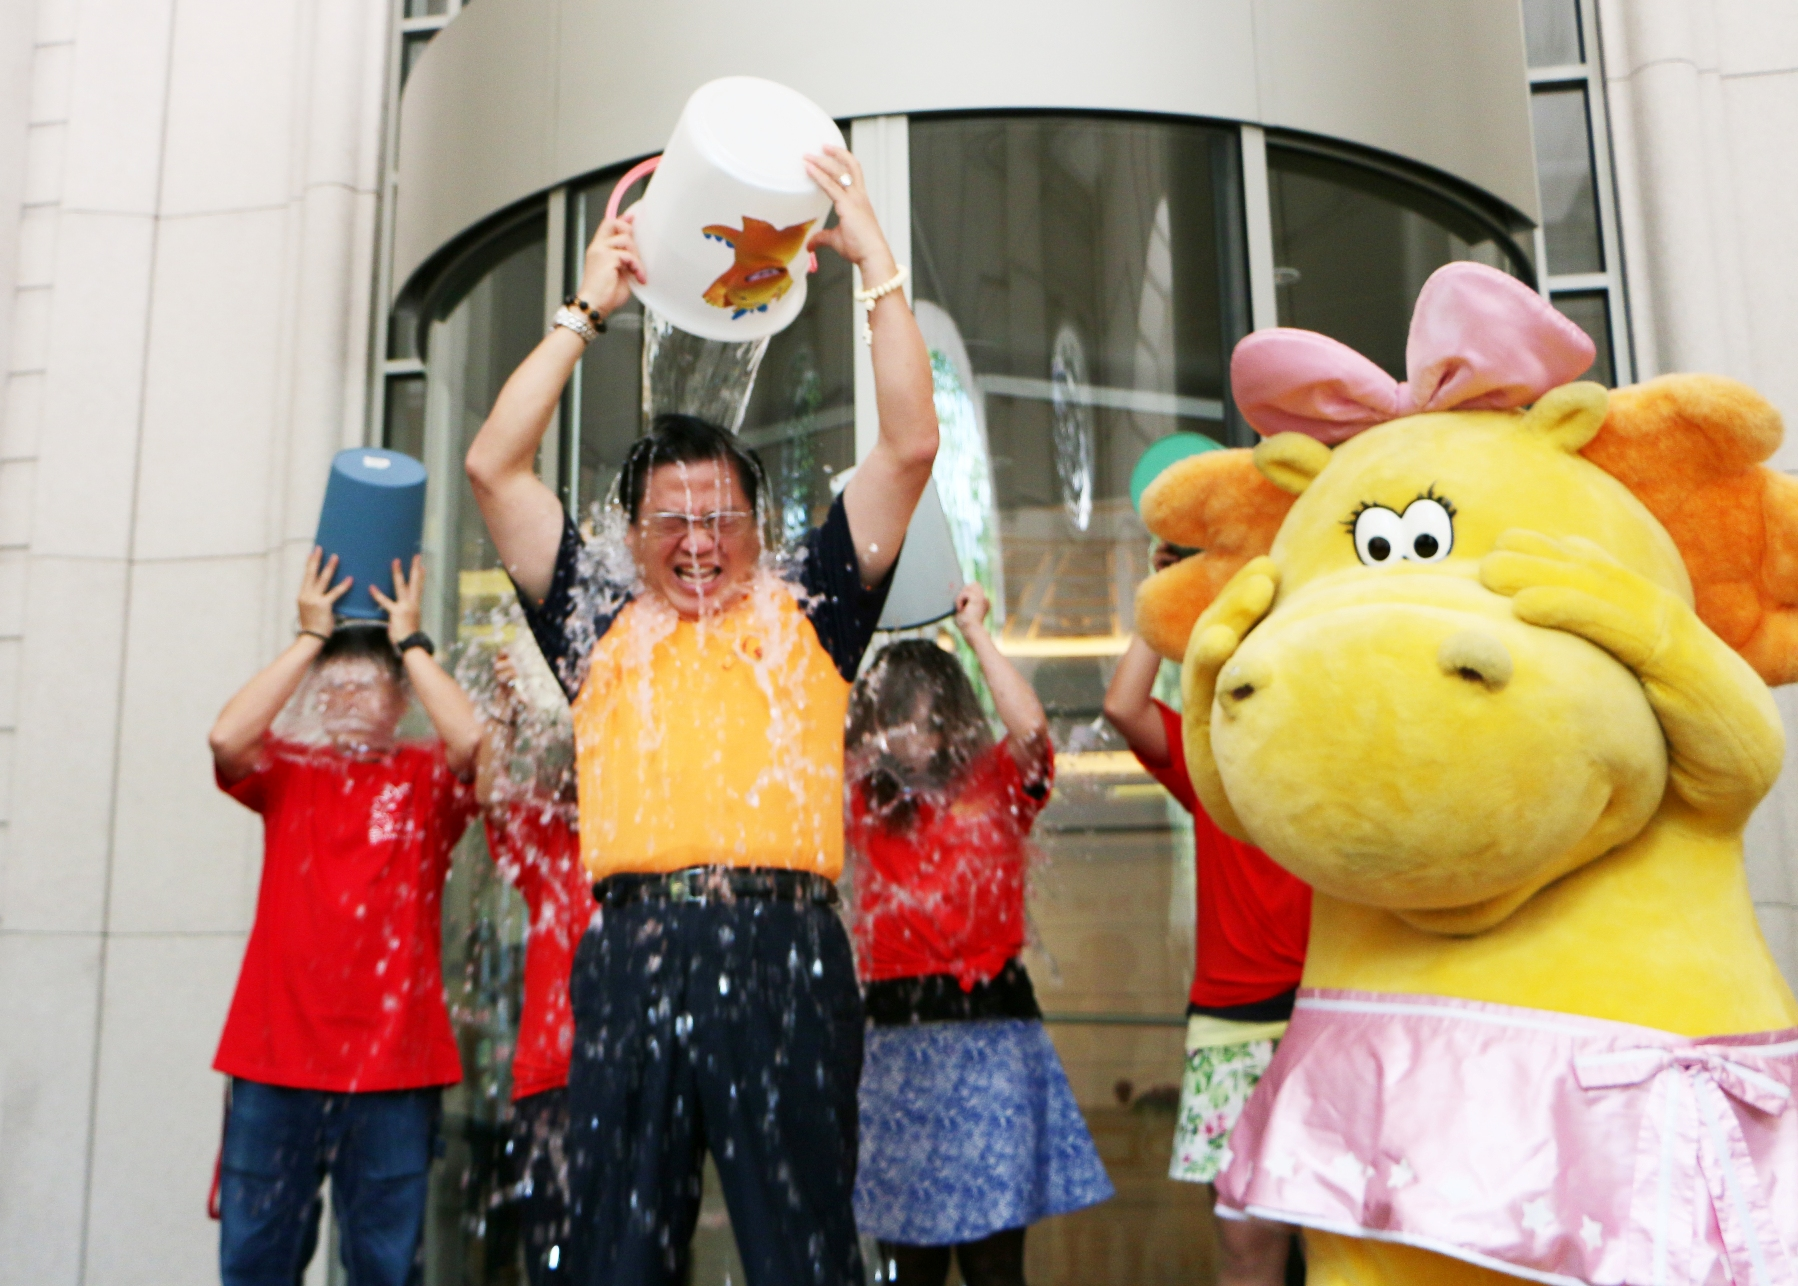 台灣人壽董事長許舒博完成冰桶挑戰 傳愛接棒